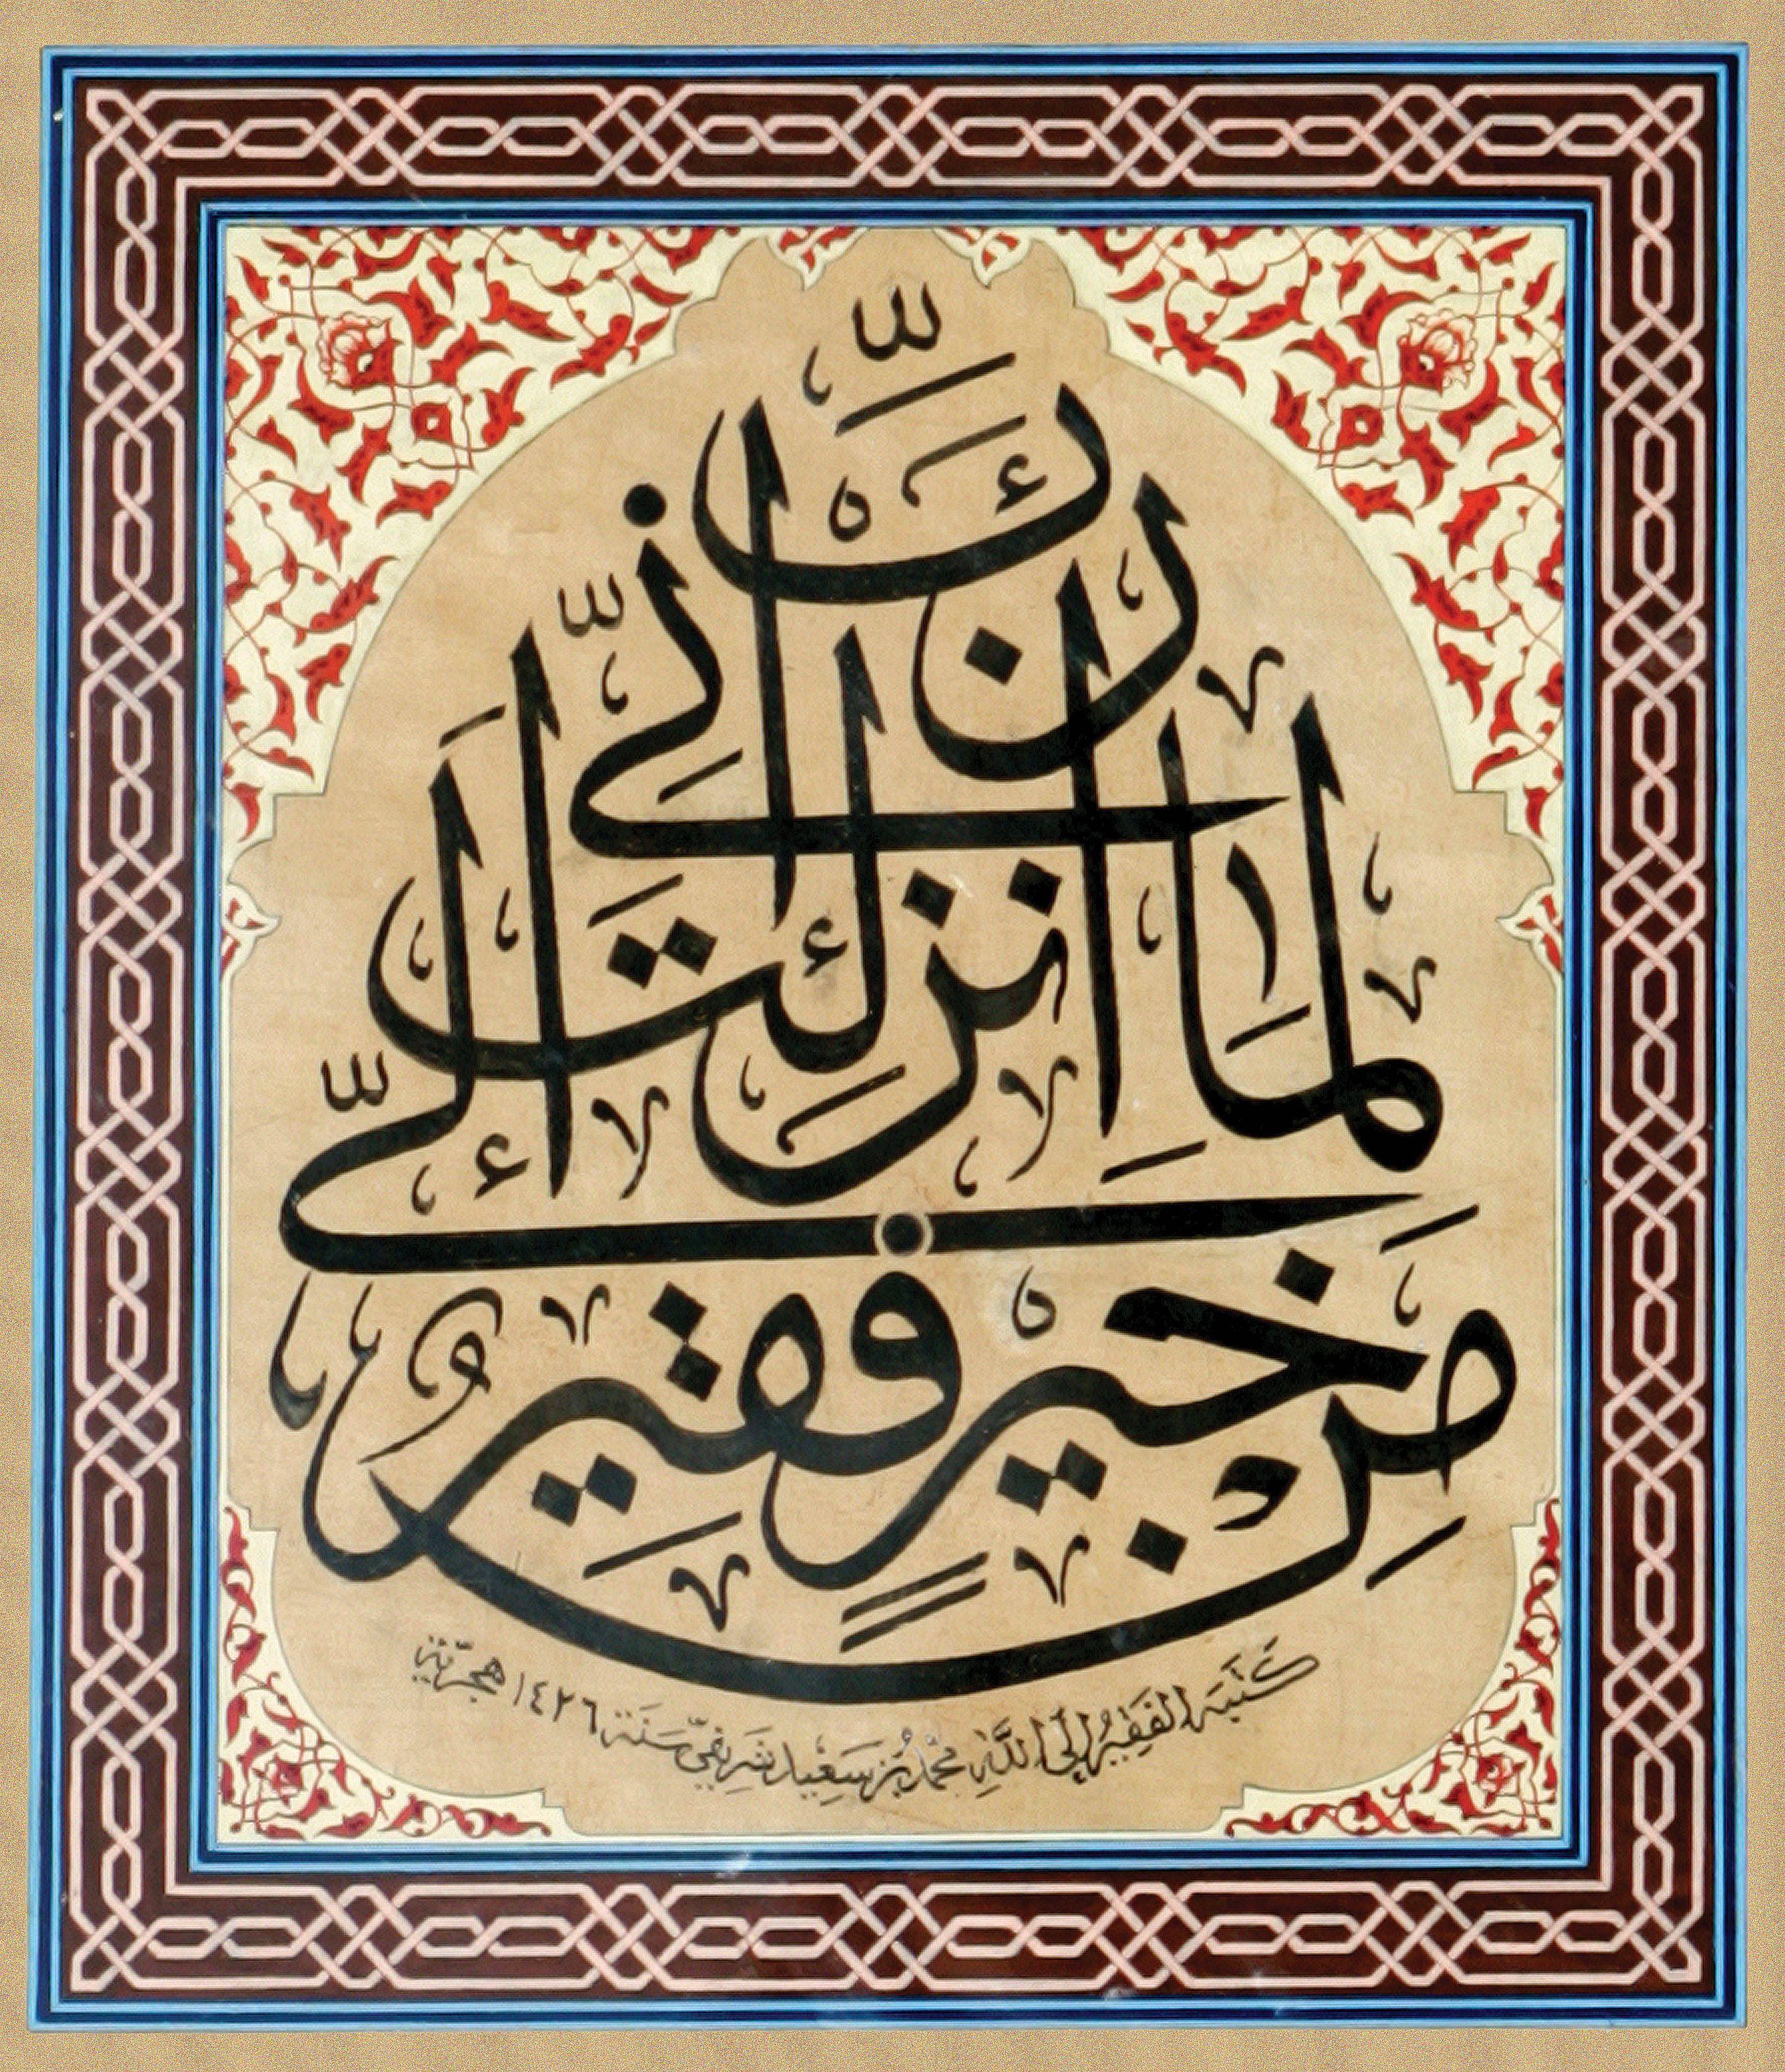 عرض العمل الفني ملتقى مجمع الملك فهد لأشهر خطاطي المصحف الشريف في العالم Islamic Art Calligraphy Islamic Calligraphy Islamic Patterns